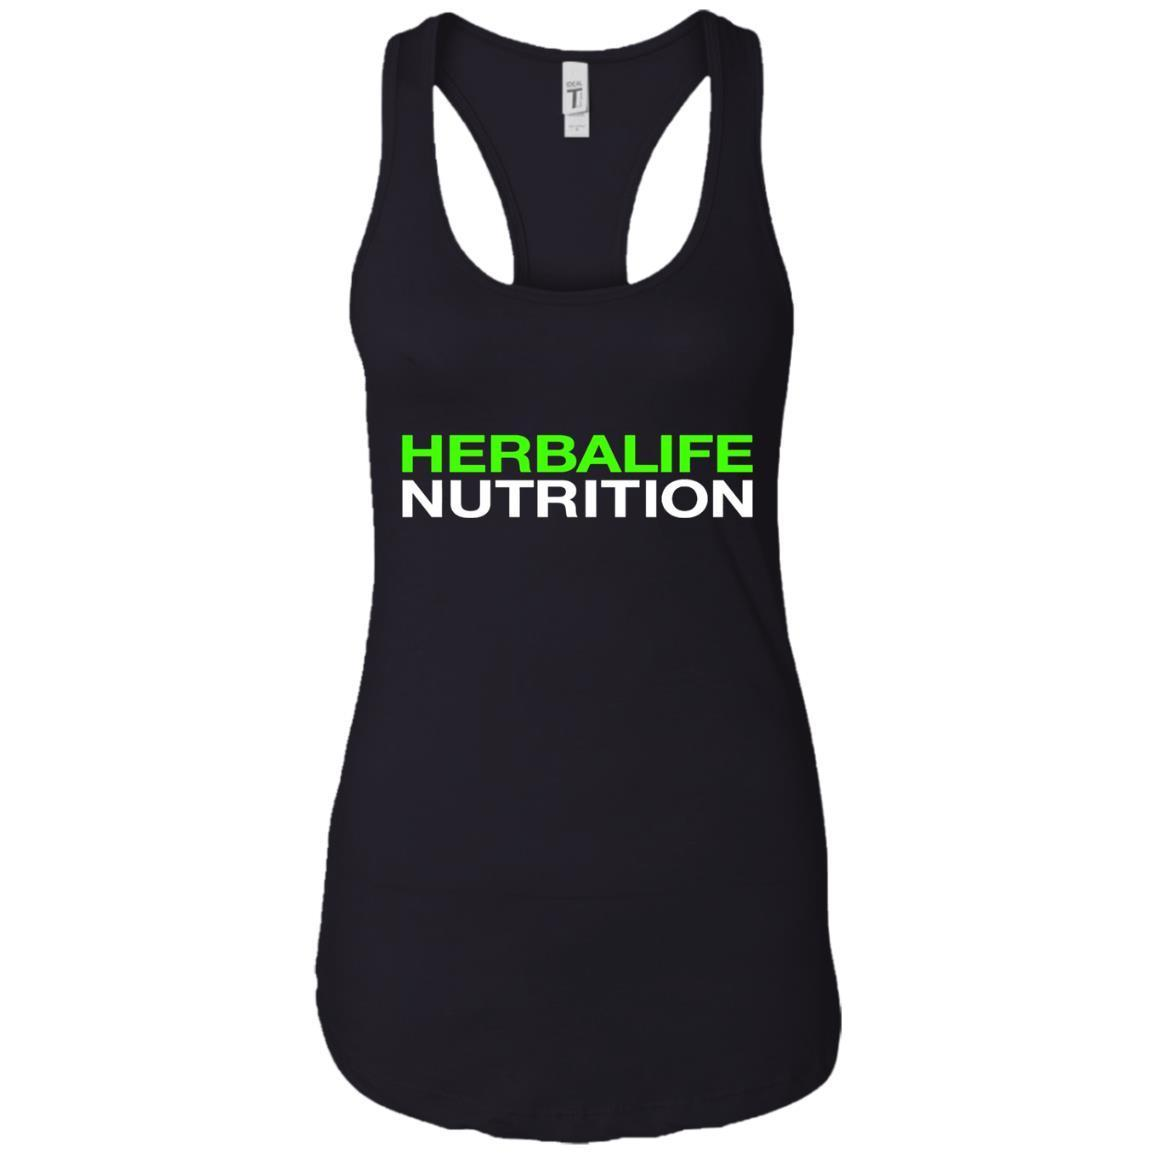 HERBALIFE NUTRITION – Ladies Ideal Racerback Tank